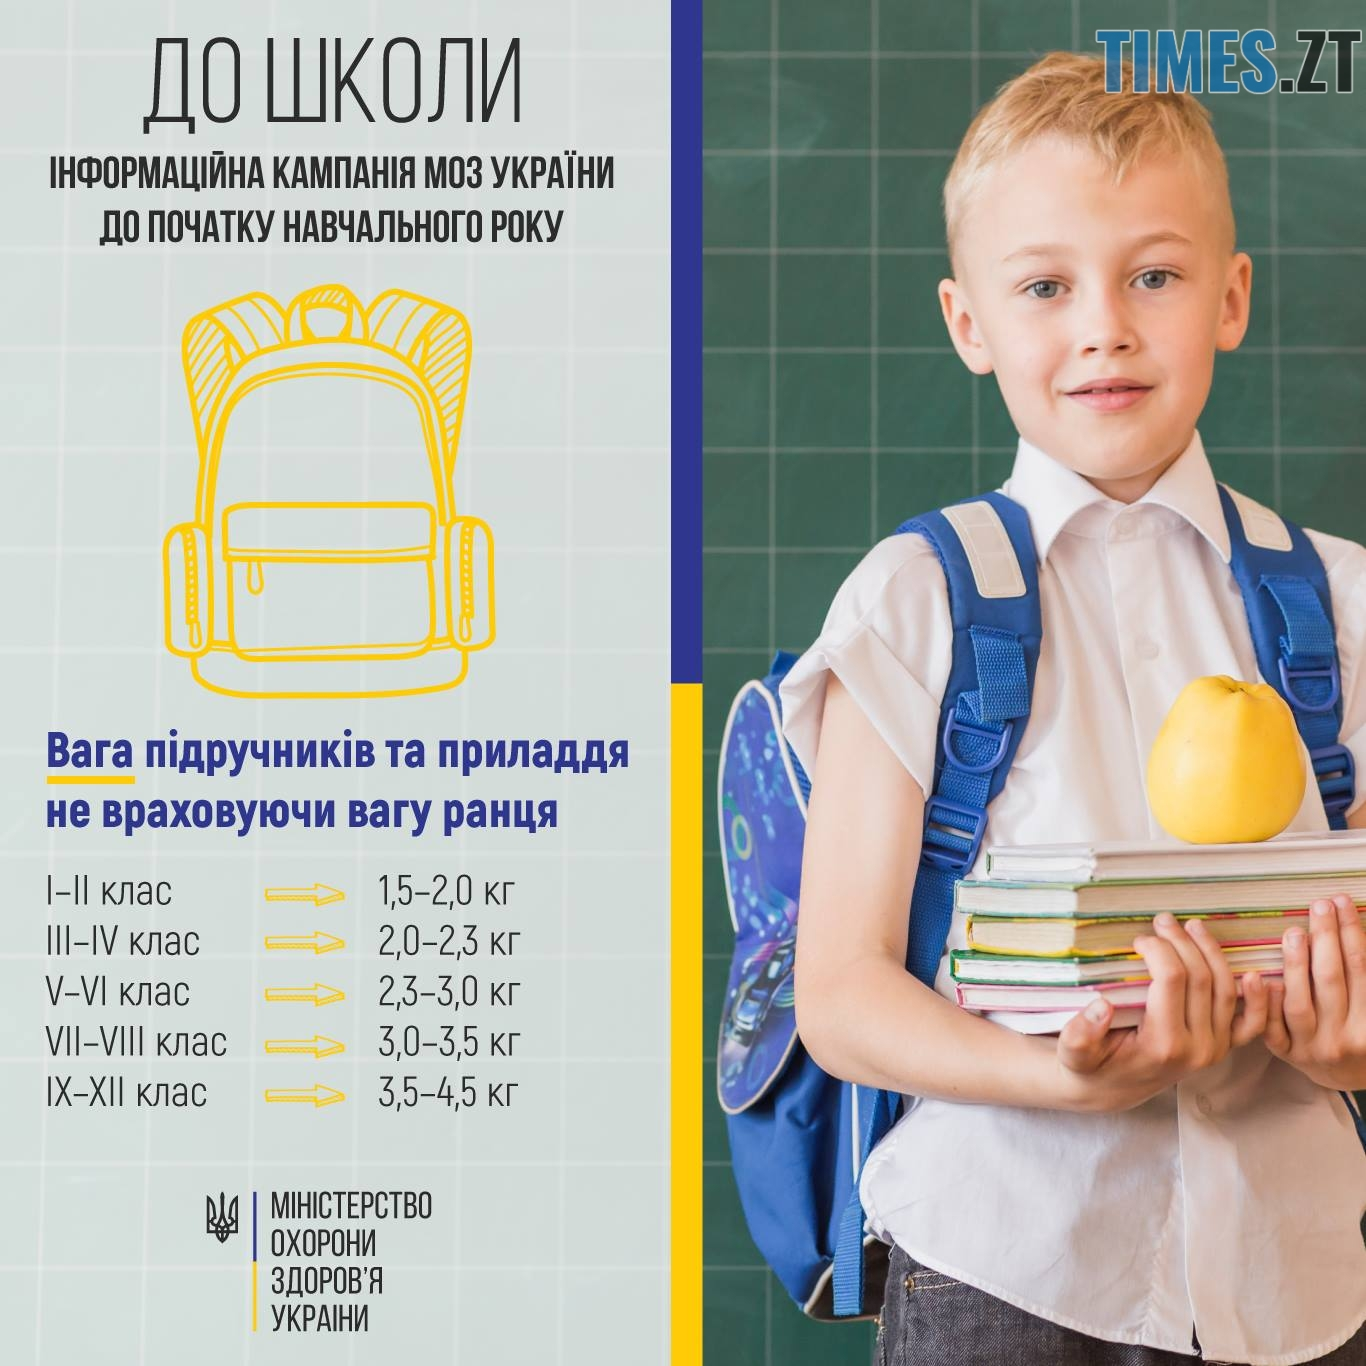 93e36dc rukzak skola original - Реальна вага знань: скільки кілограмів книжок носять житомирські школярі в своєму ранці